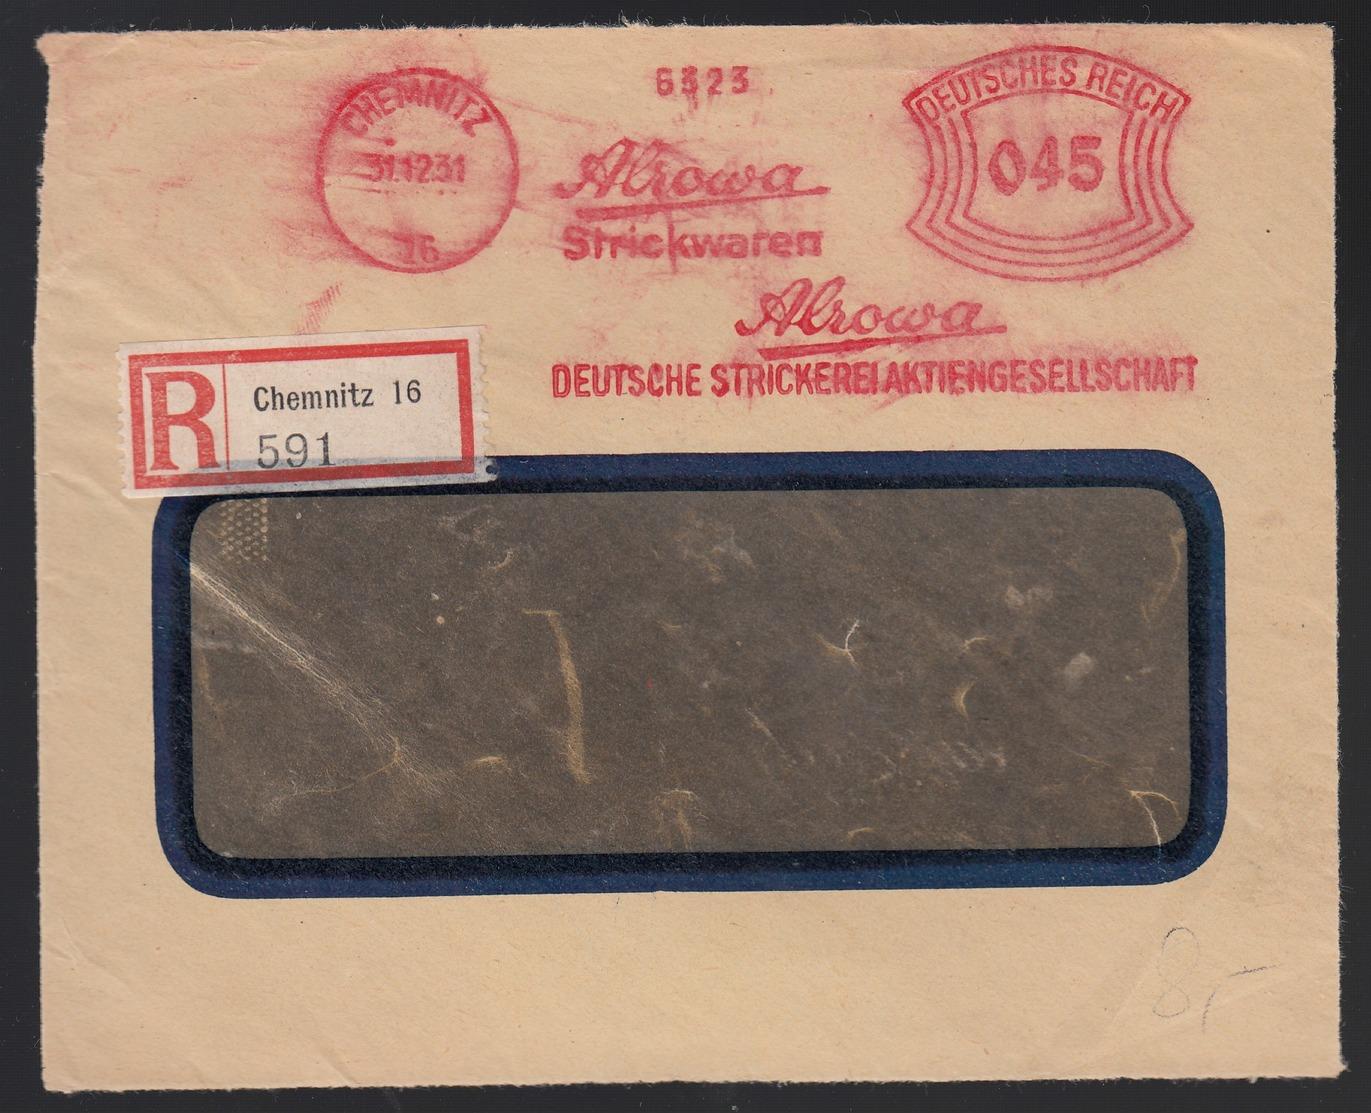 DR Einschreiben Firmenbrief Strickwaren Absenderfreistempel AFS 1931 Briefvorderseite Ab Chemnitz K272 - Storia Postale